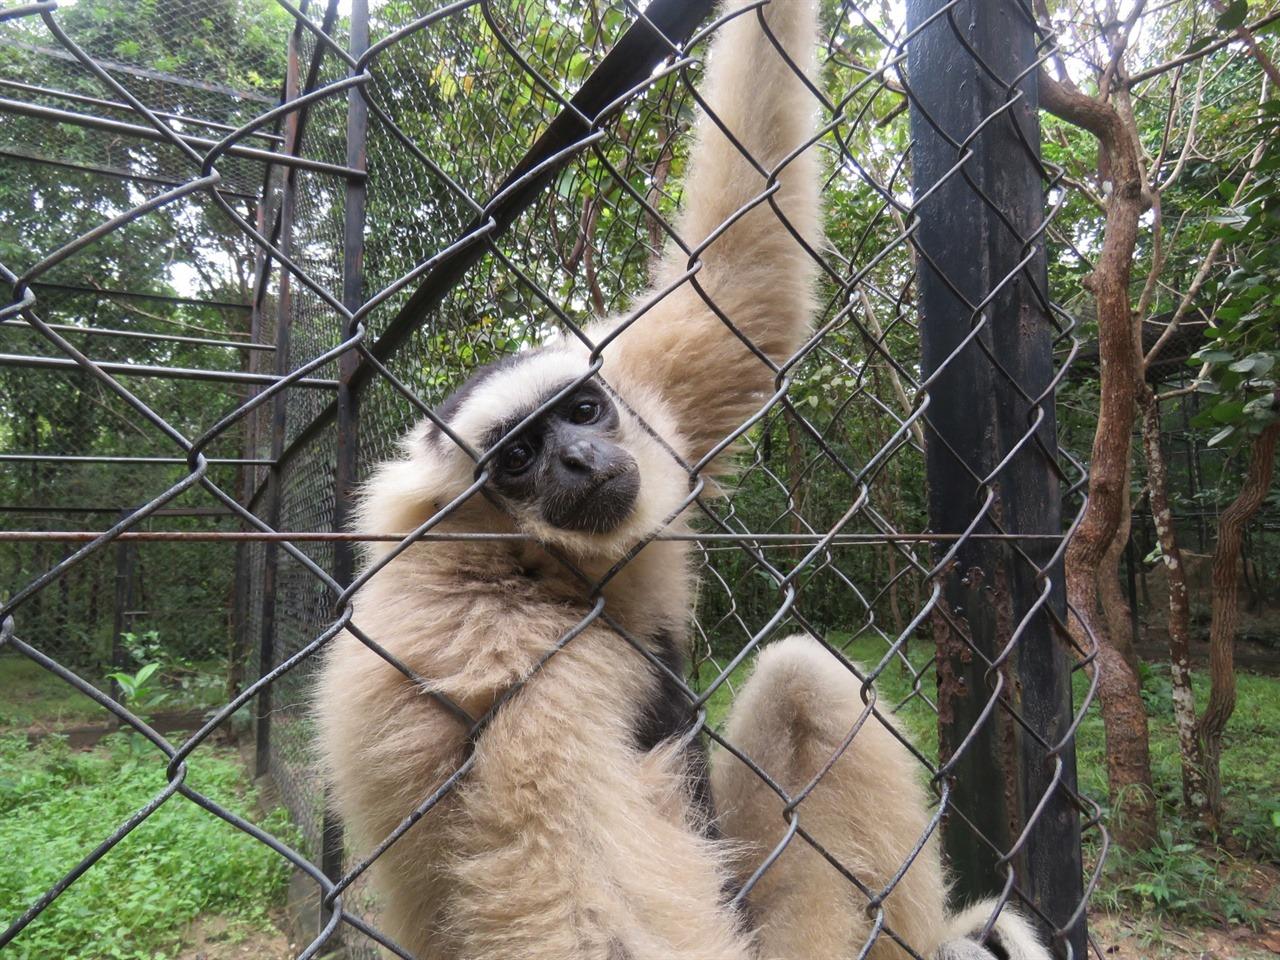 내 손을 잡고 나를 아련하게 바라보는 긴팔원숭이.